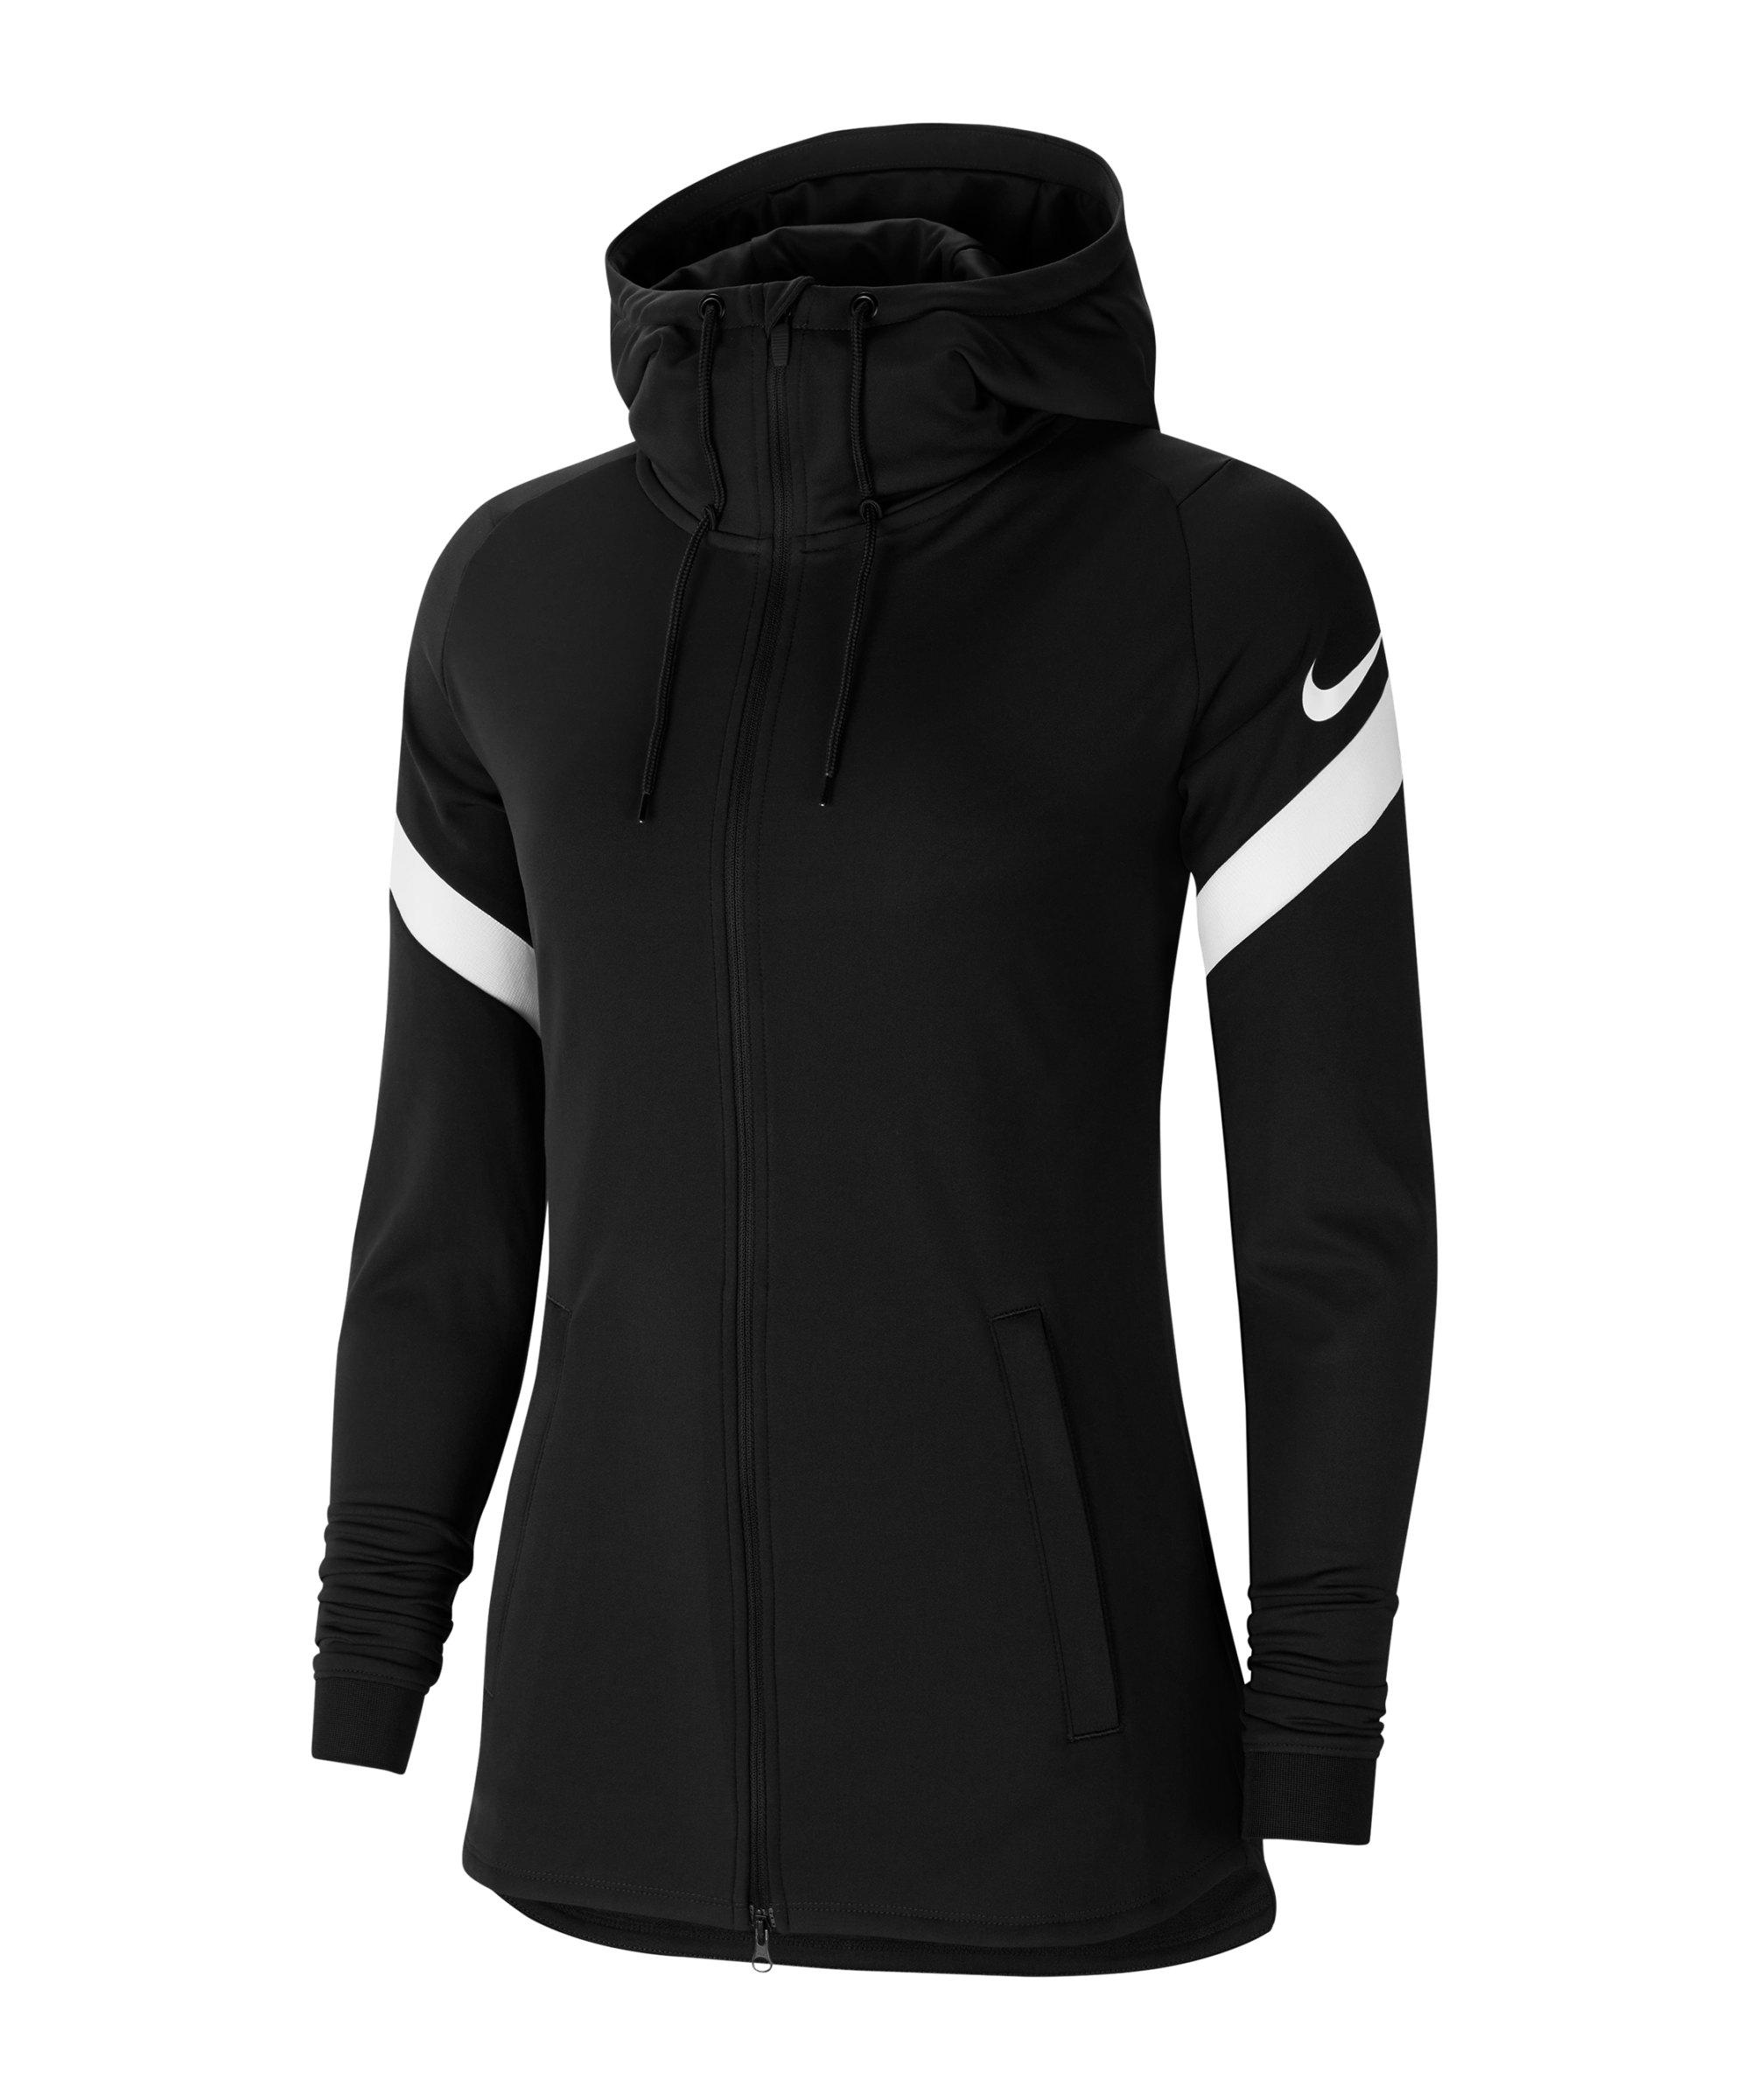 Nike Strike 21 Kapuzenjacke Damen Schwarz F010 - schwarz